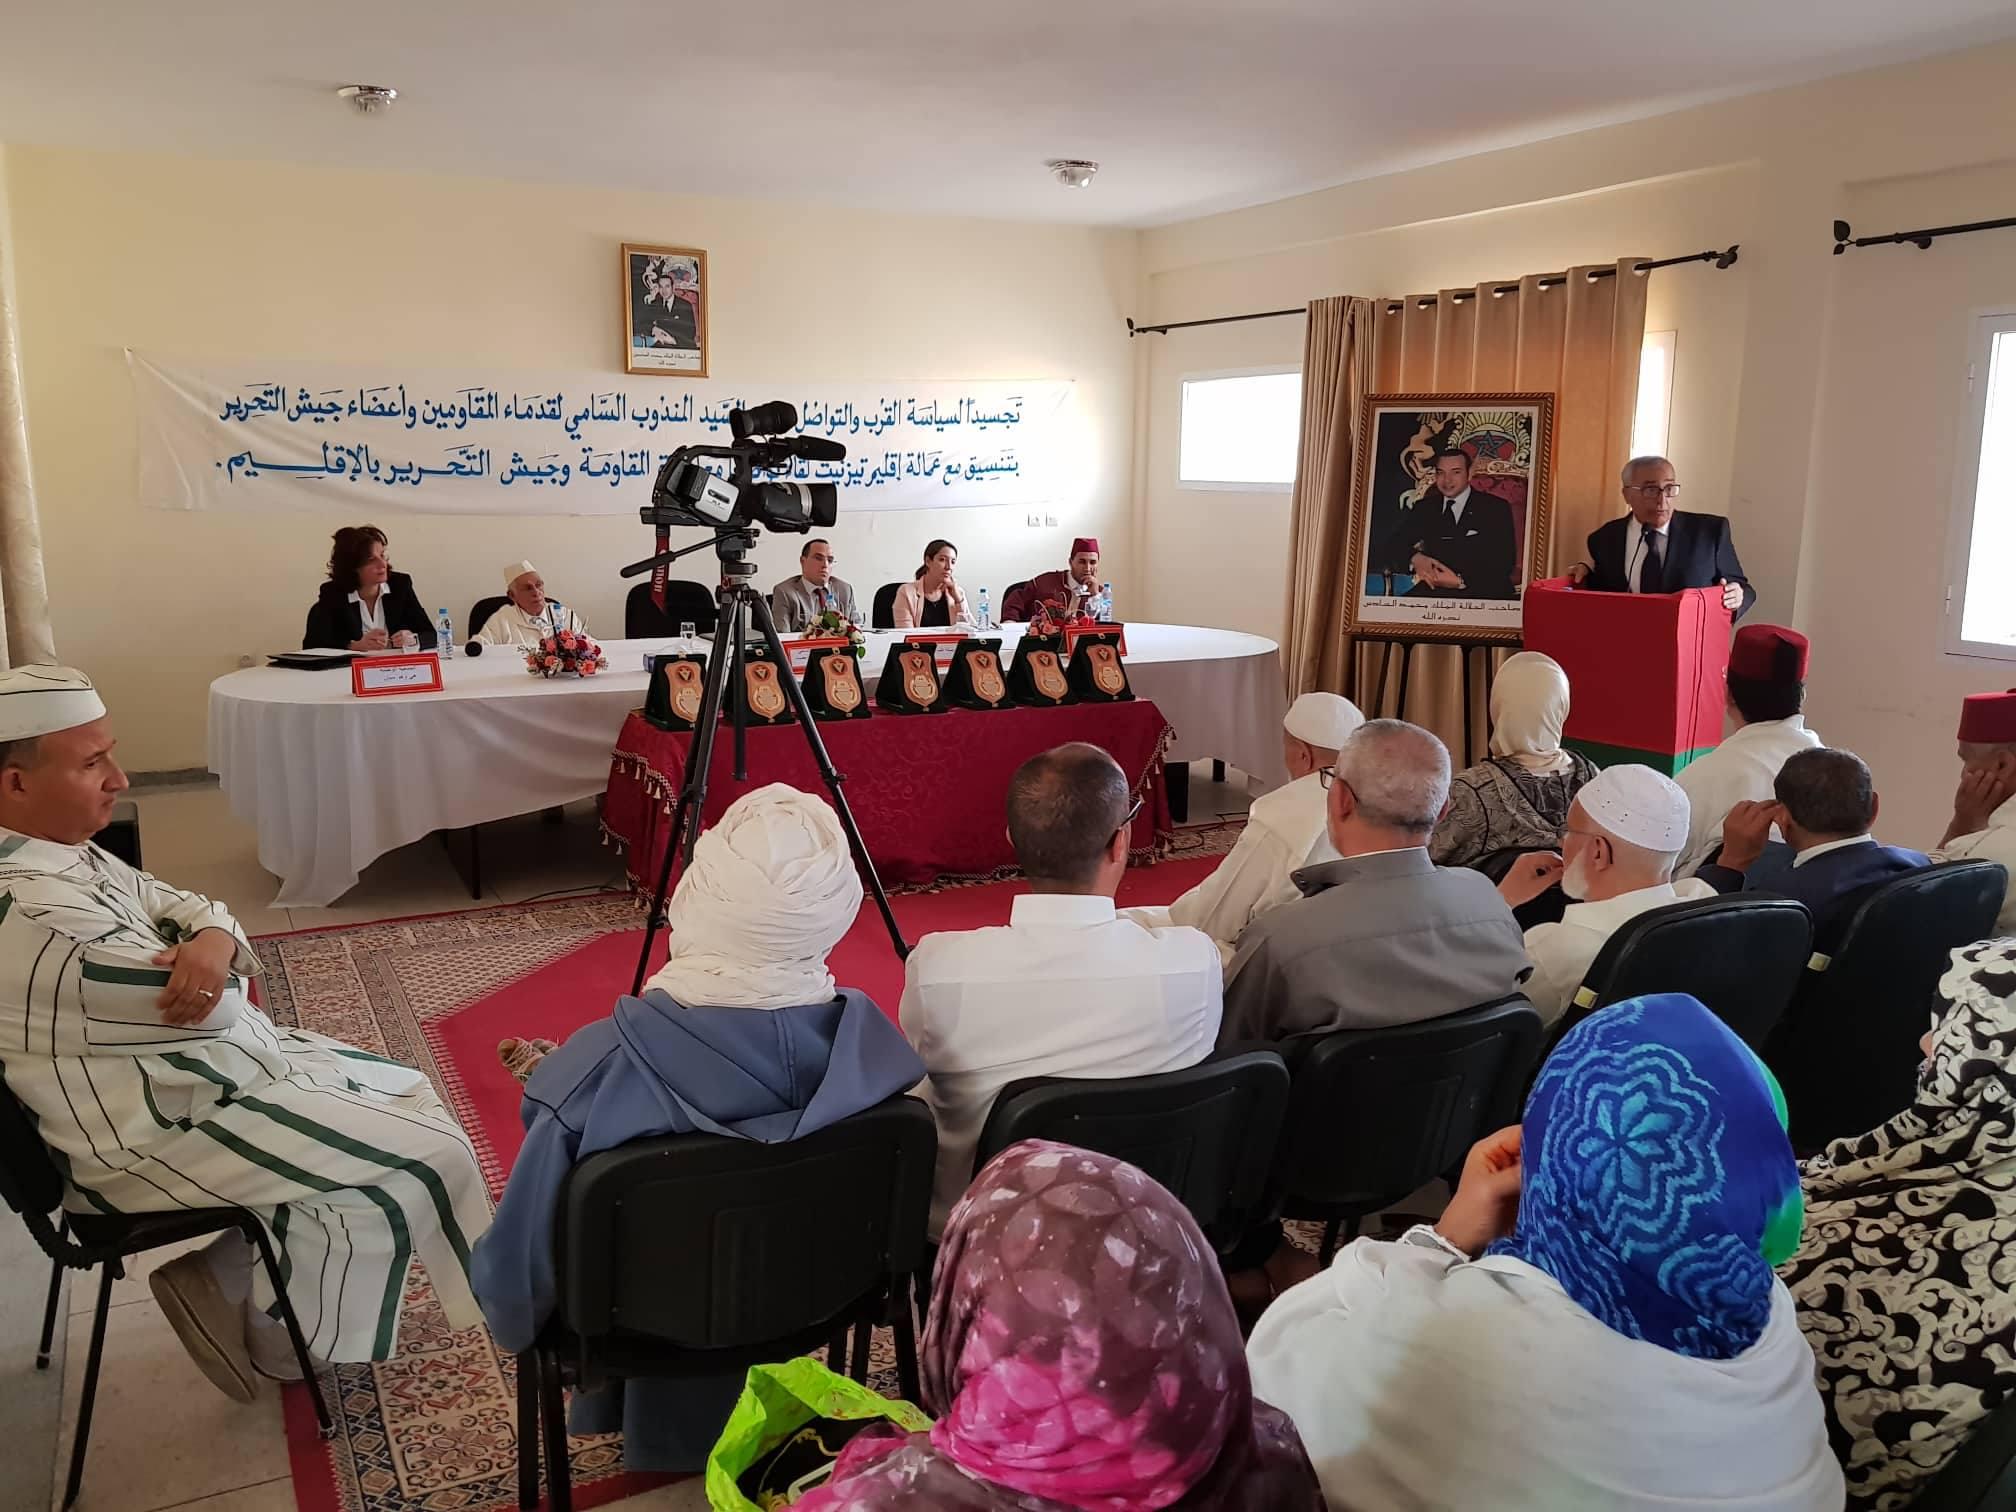 تكريم اسرة المقاومة بتيزنيت بحضور المندوب السامي لقدماء المقاومين واعضاء جيش التحرير